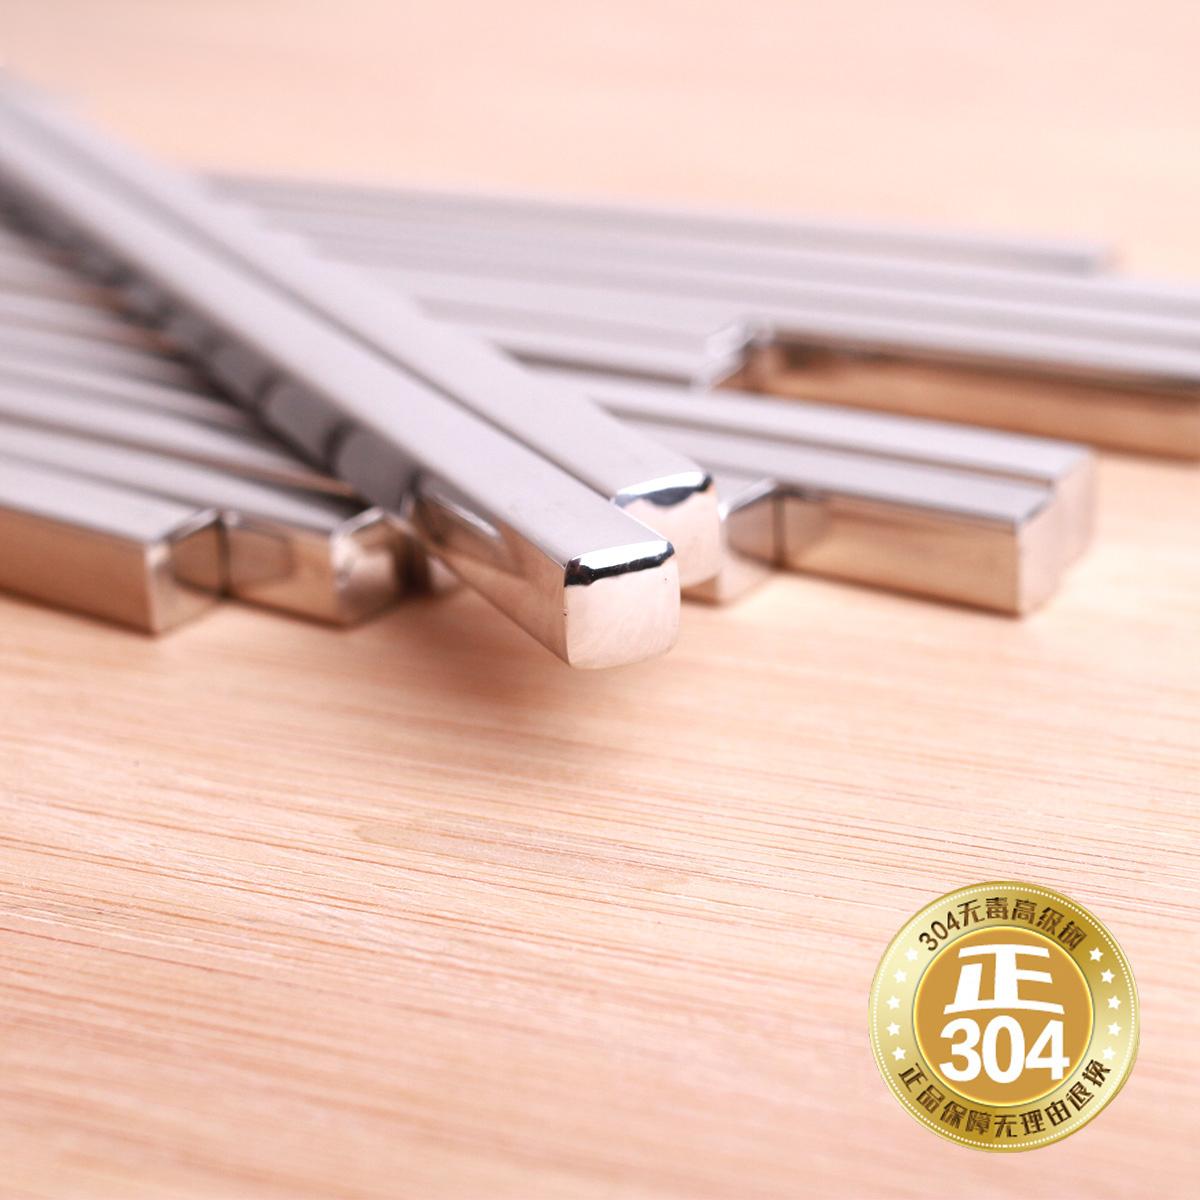 304不鏽鋼筷子 韓國式金屬方形防滑合金筷子套裝5雙